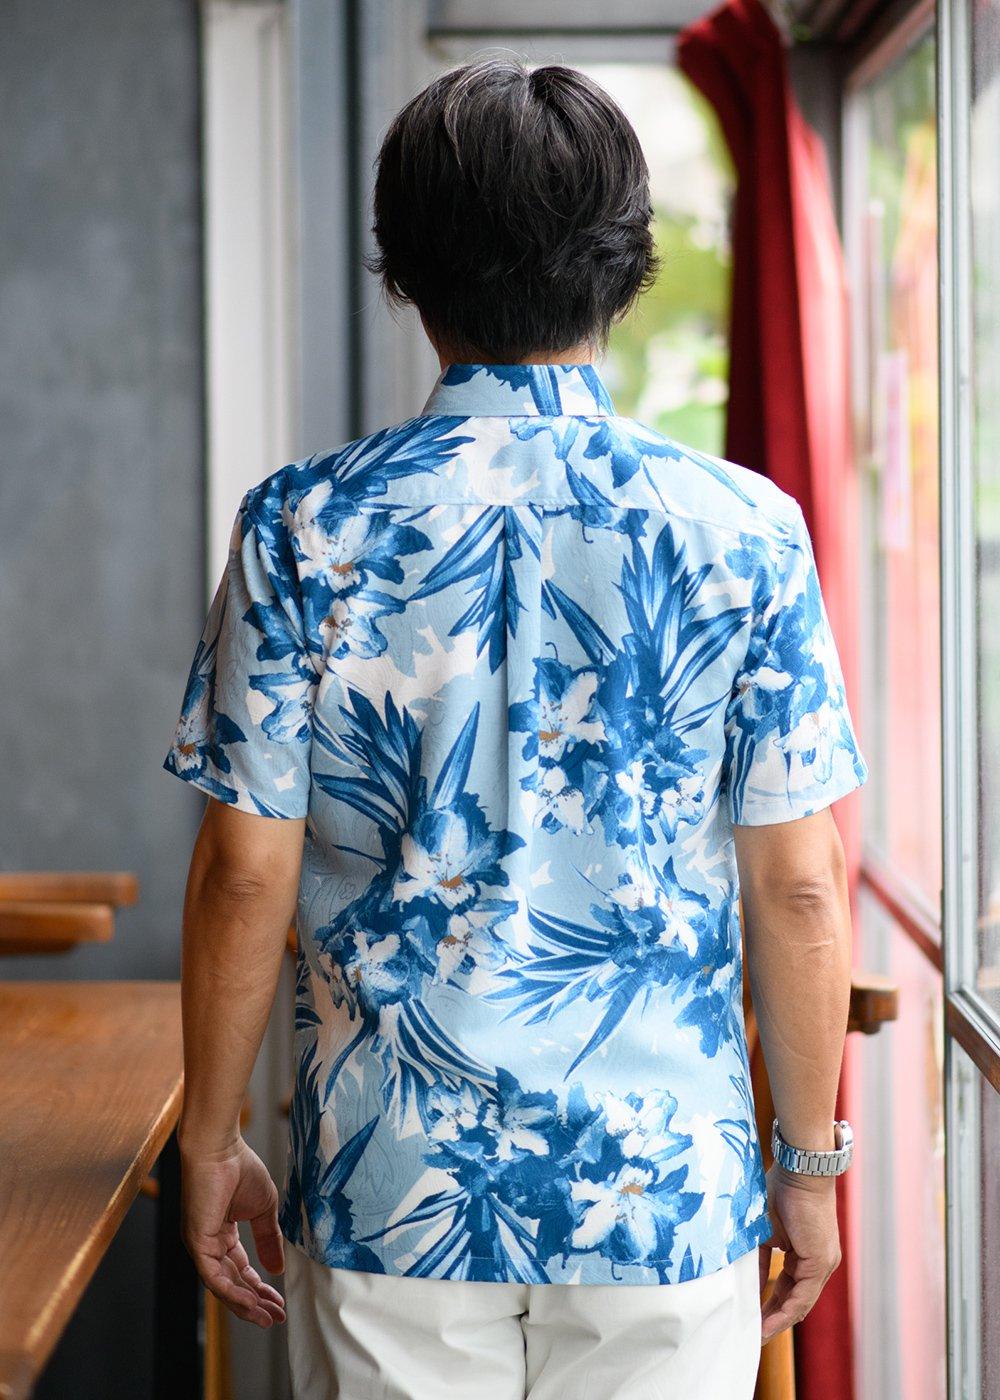 かりゆしウェア(沖縄版アロハシャツ) MAJUN - アザレアライト